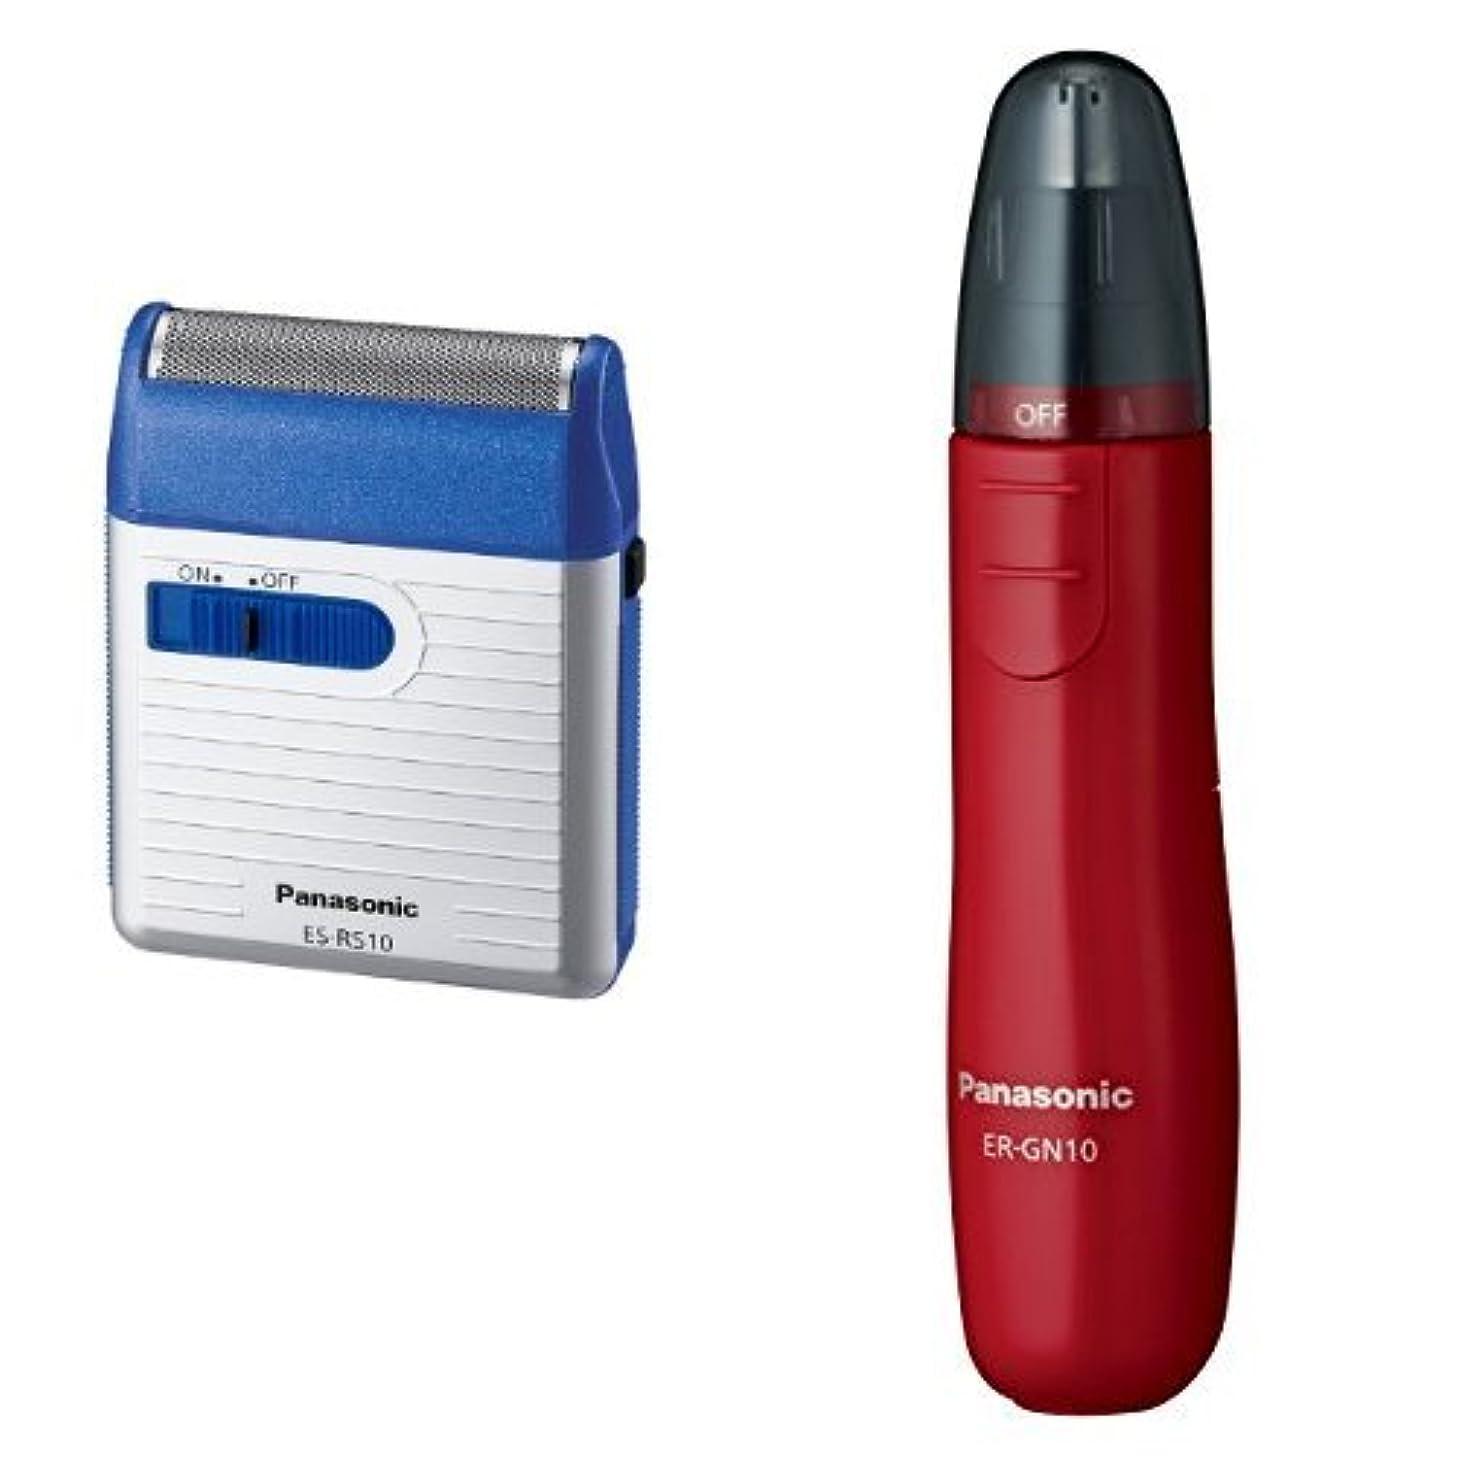 より多いレンダリング締めるパナソニック メンズシェーバー 1枚刃 青 ES-RS10-A + エチケットカッター 赤 ER-GN10-R セット